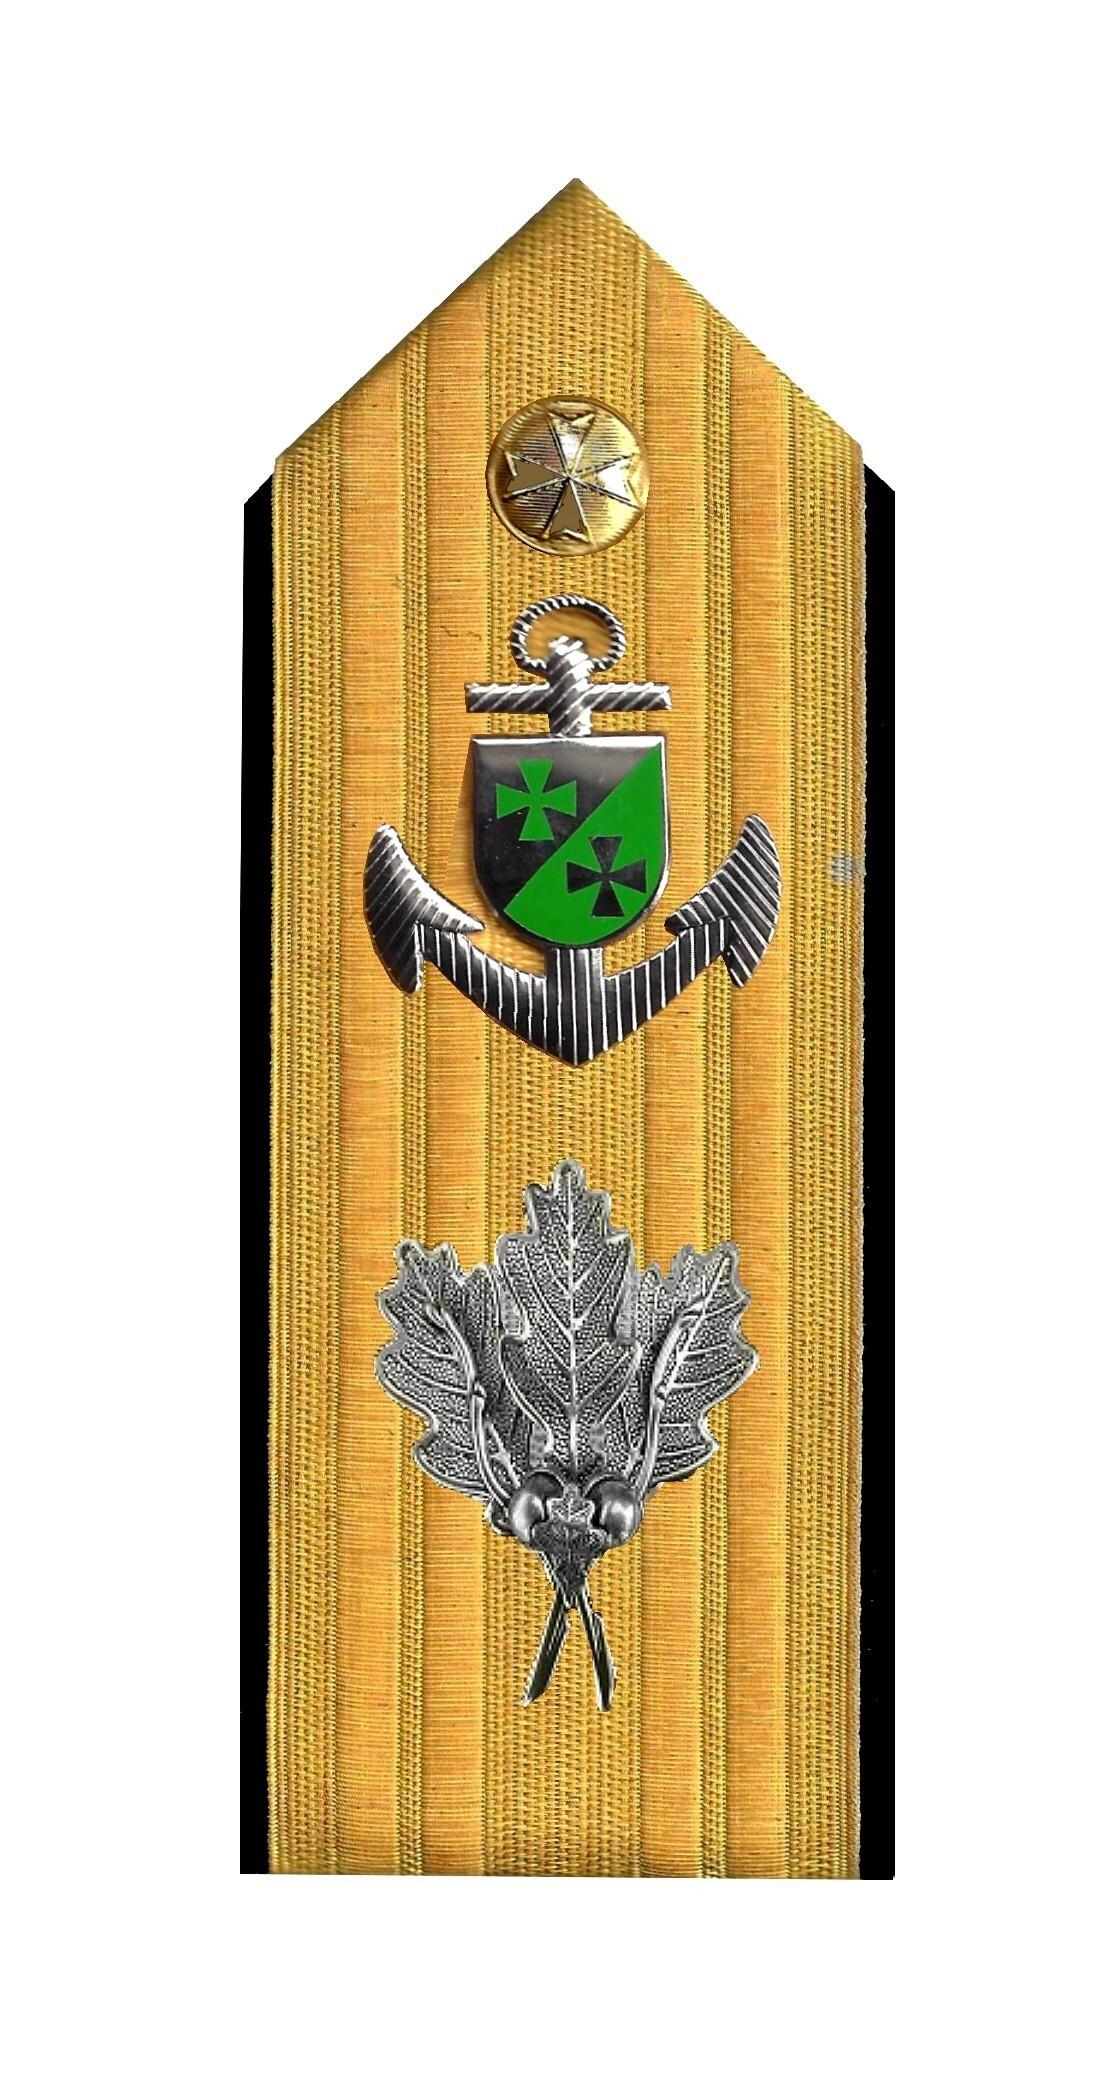 Generalbevollmächtigter in Navy Ausführung 1